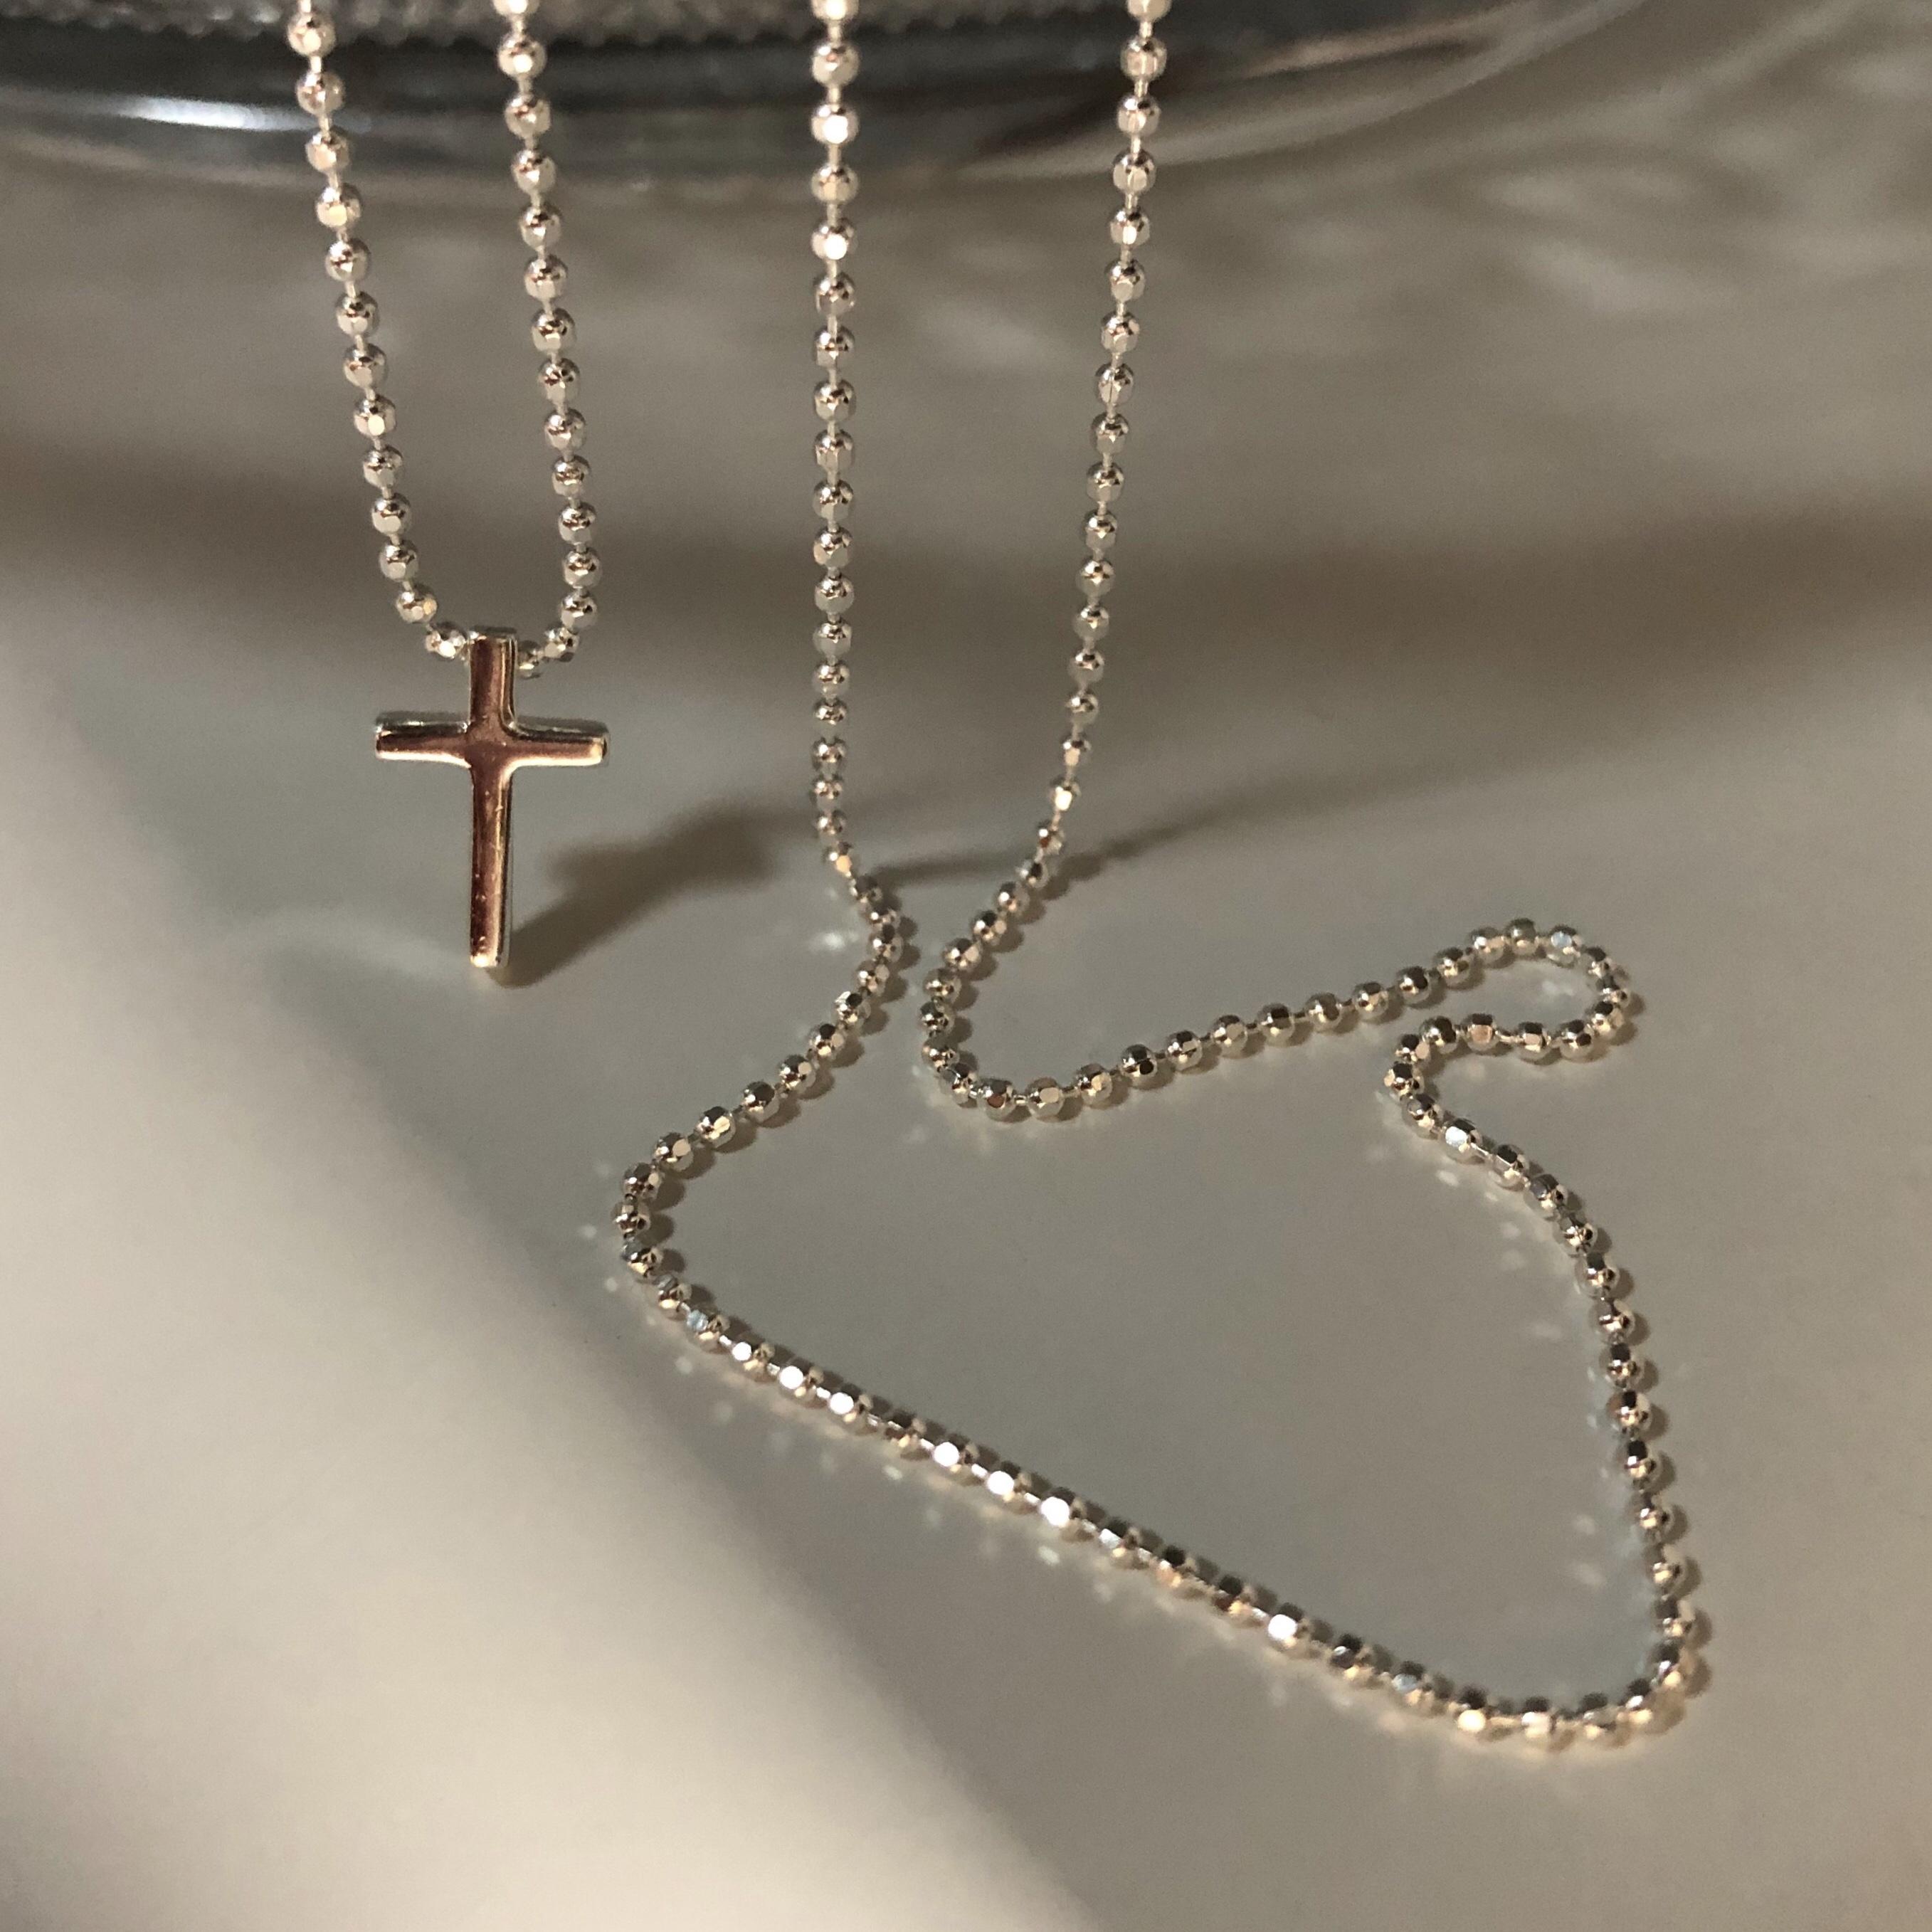 上新85折】白银色~波光粼粼系列 意大利进口闪珠纯银项链十字架控